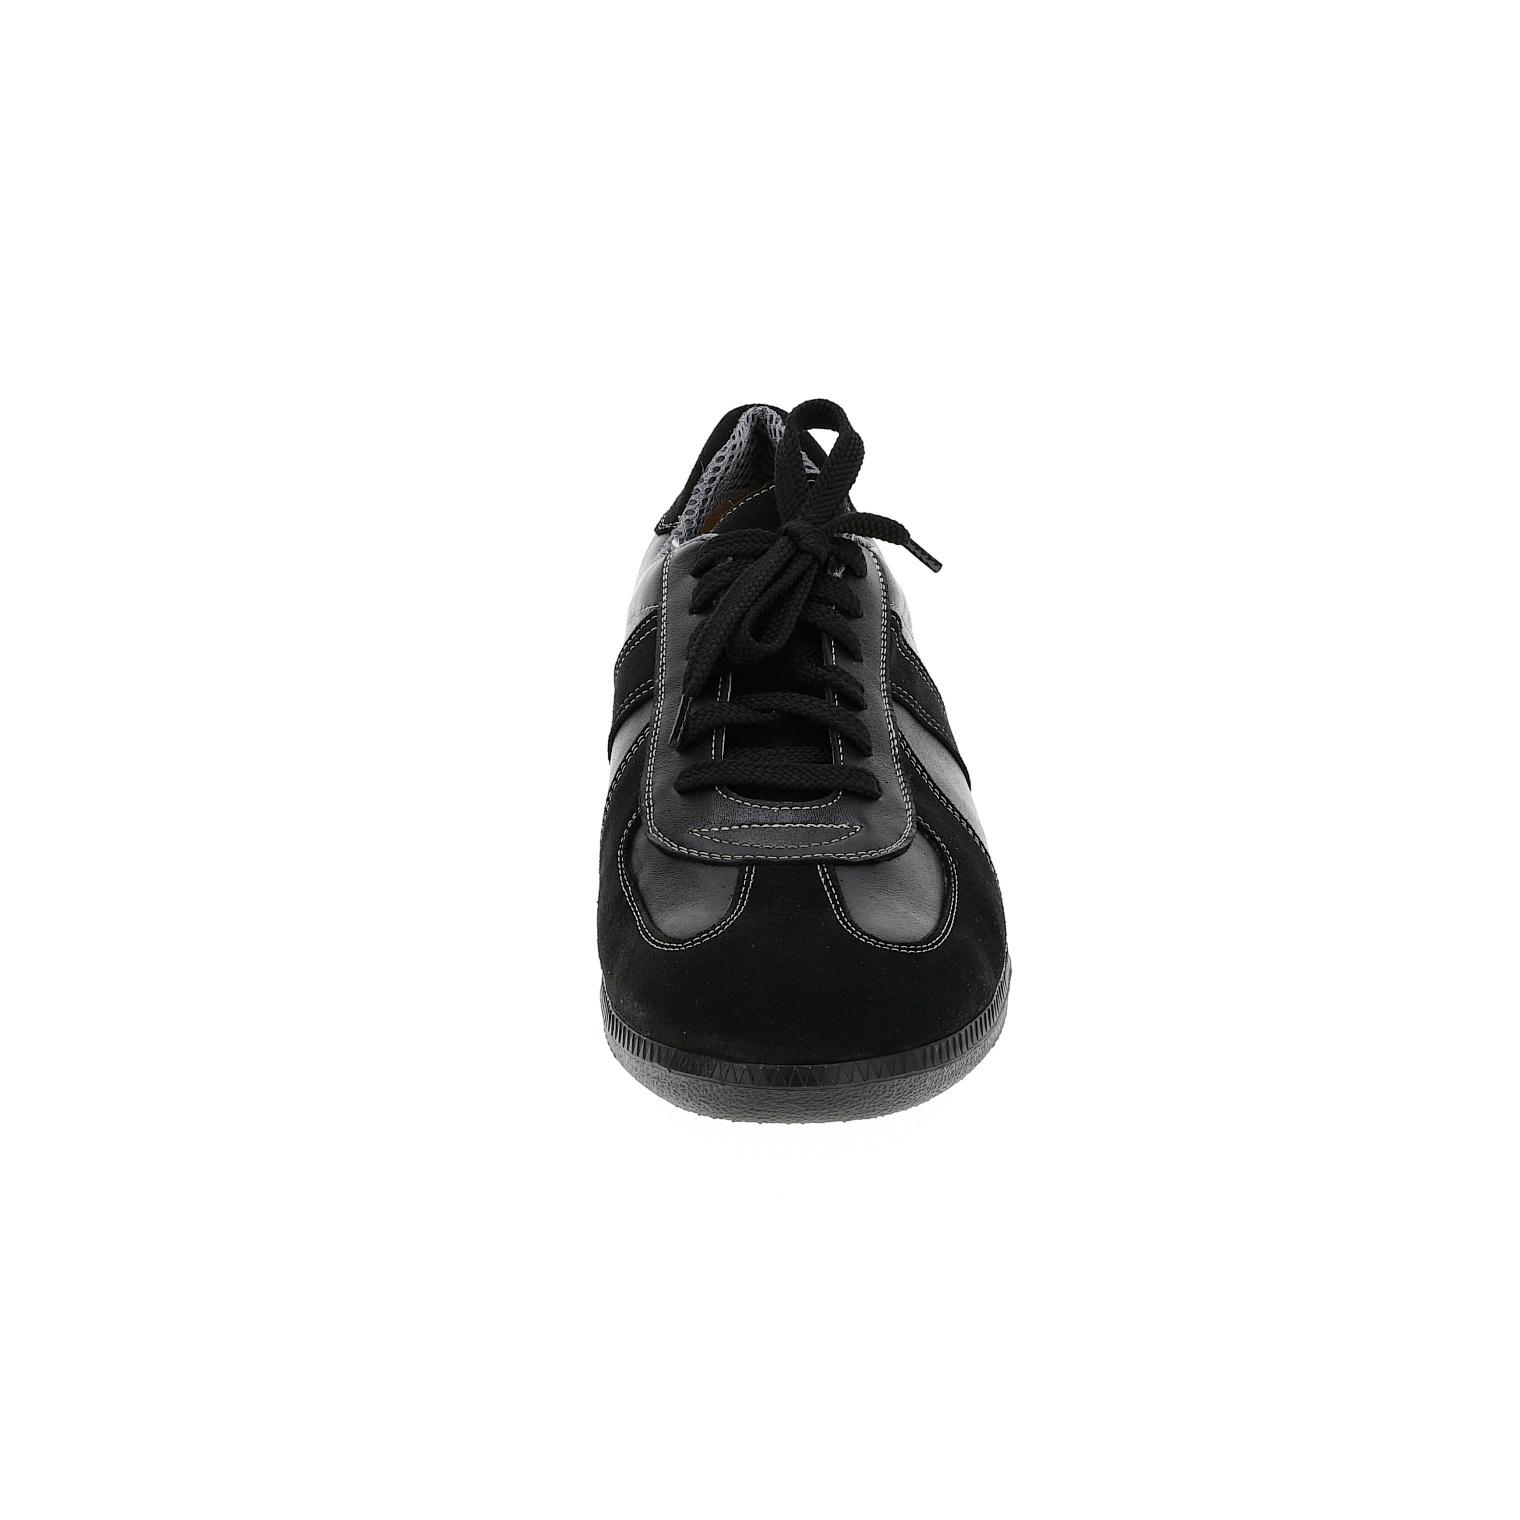 556396 Black полуботинки мужские больших размеров марки Делфино